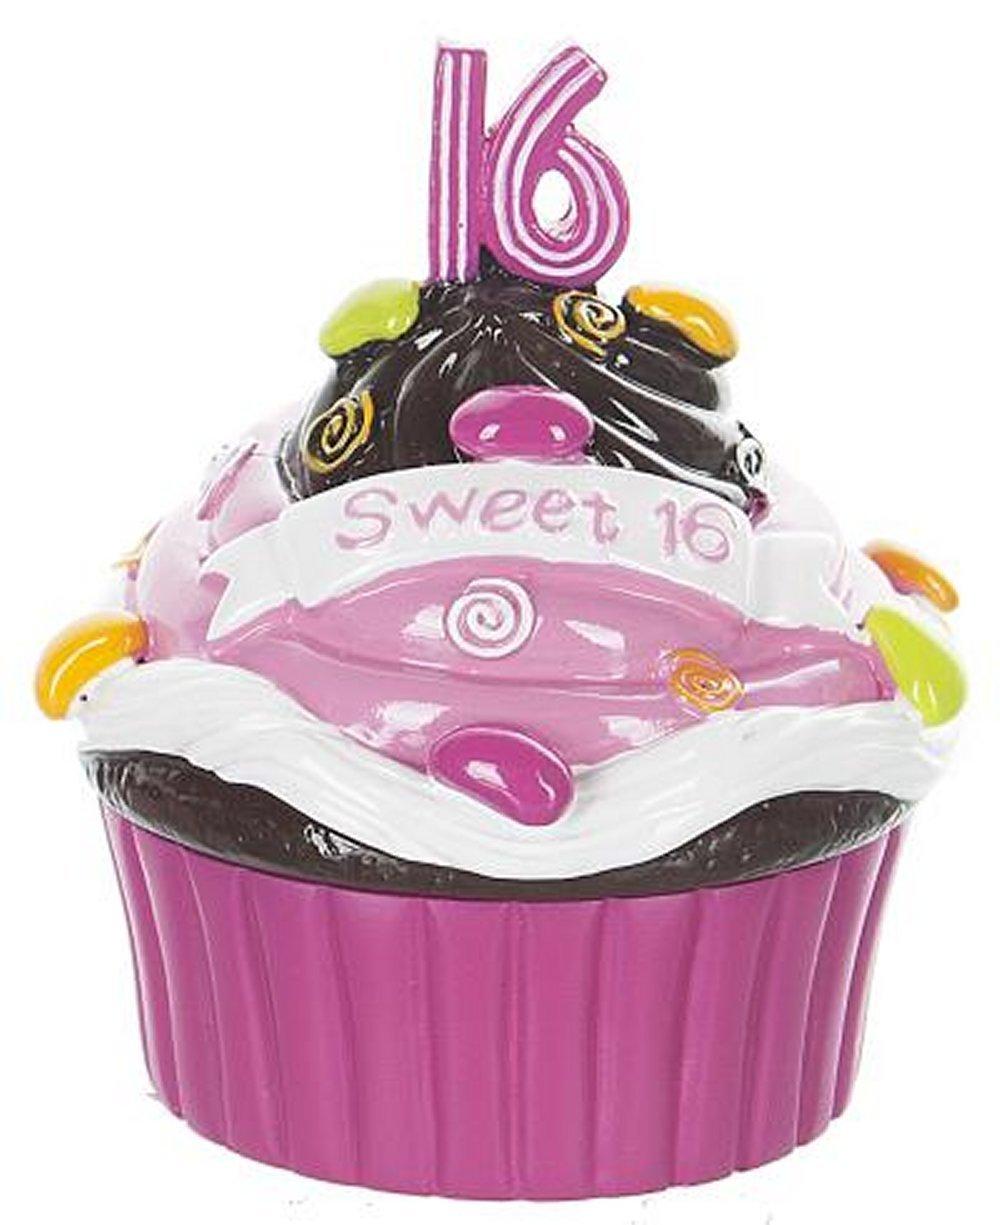 Cheap Sweet Cupcake Box Manufacturer, find Sweet Cupcake Box ...